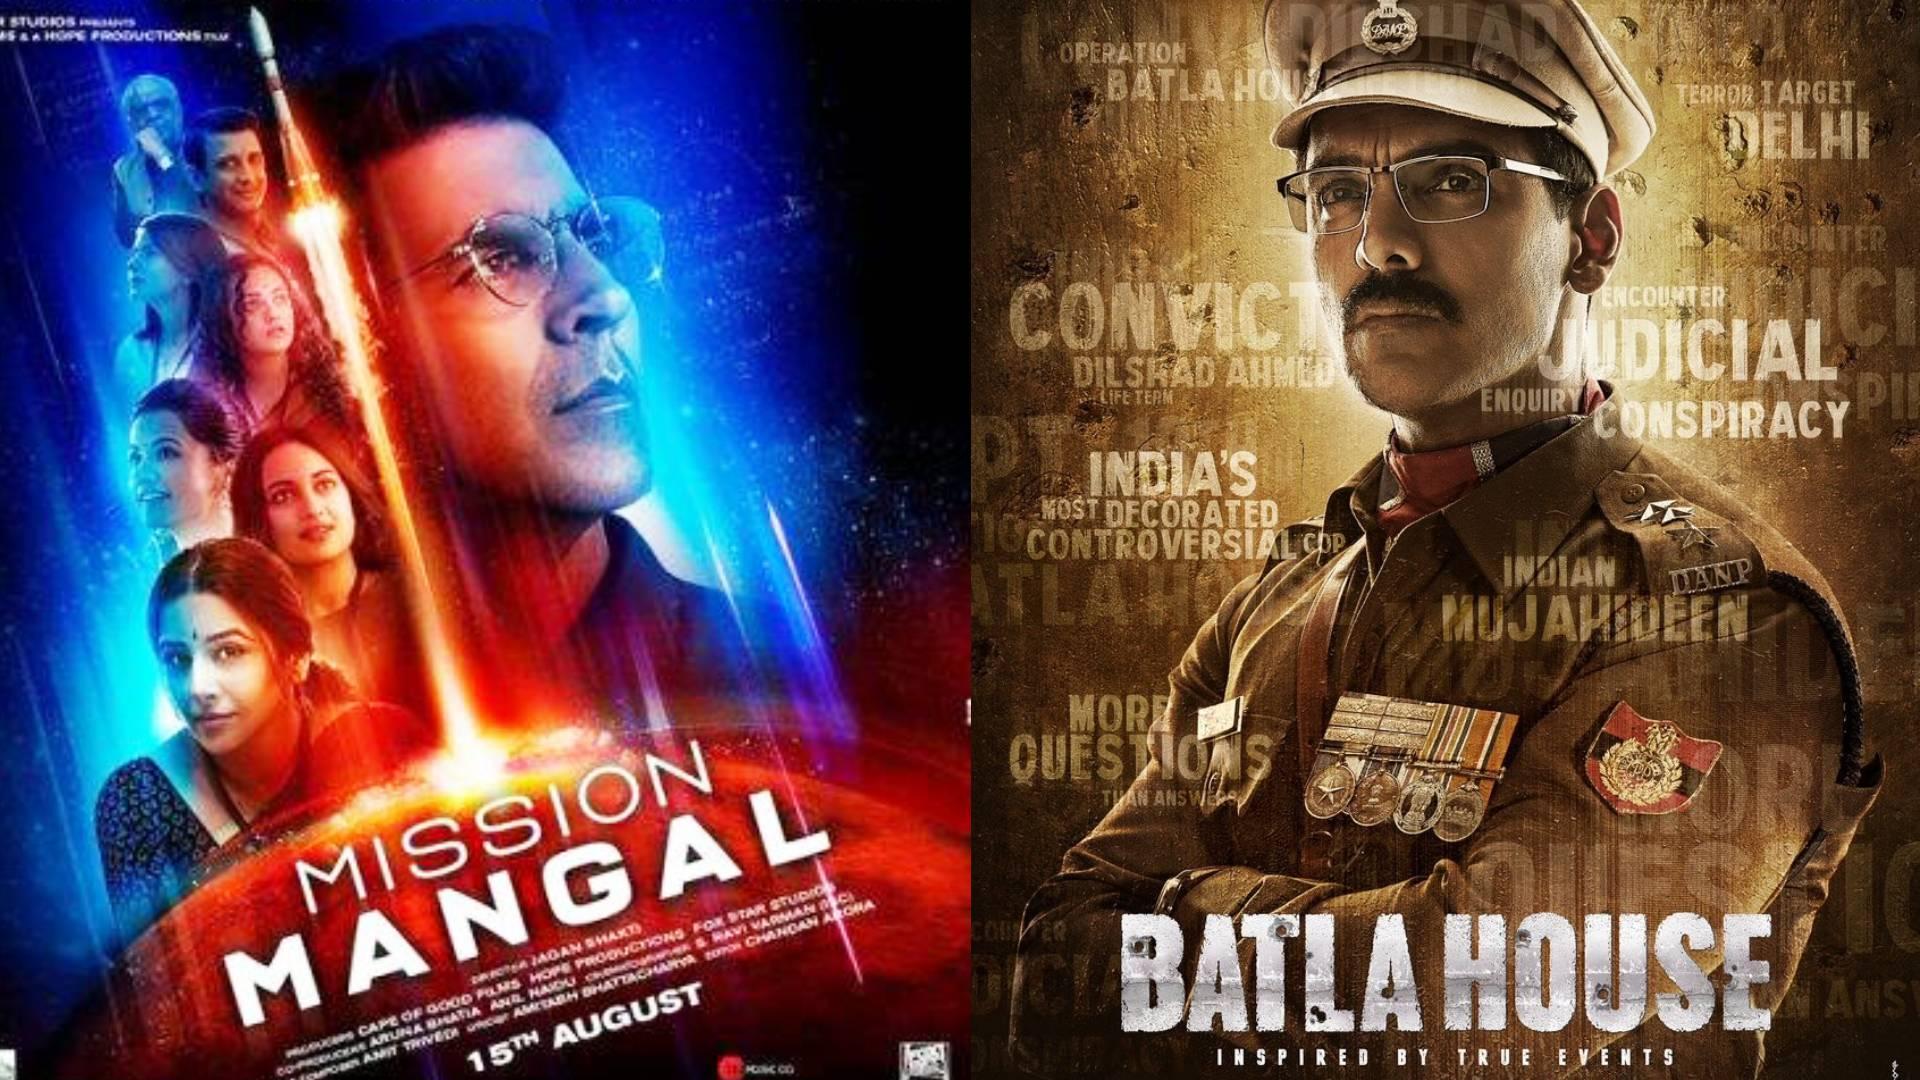 Mission Mangal VS Batla House: कमाई के मामले में जॉन पर भारी पड़े अक्षय, महज 12 दिनों में बनाया ये रिकॉर्ड